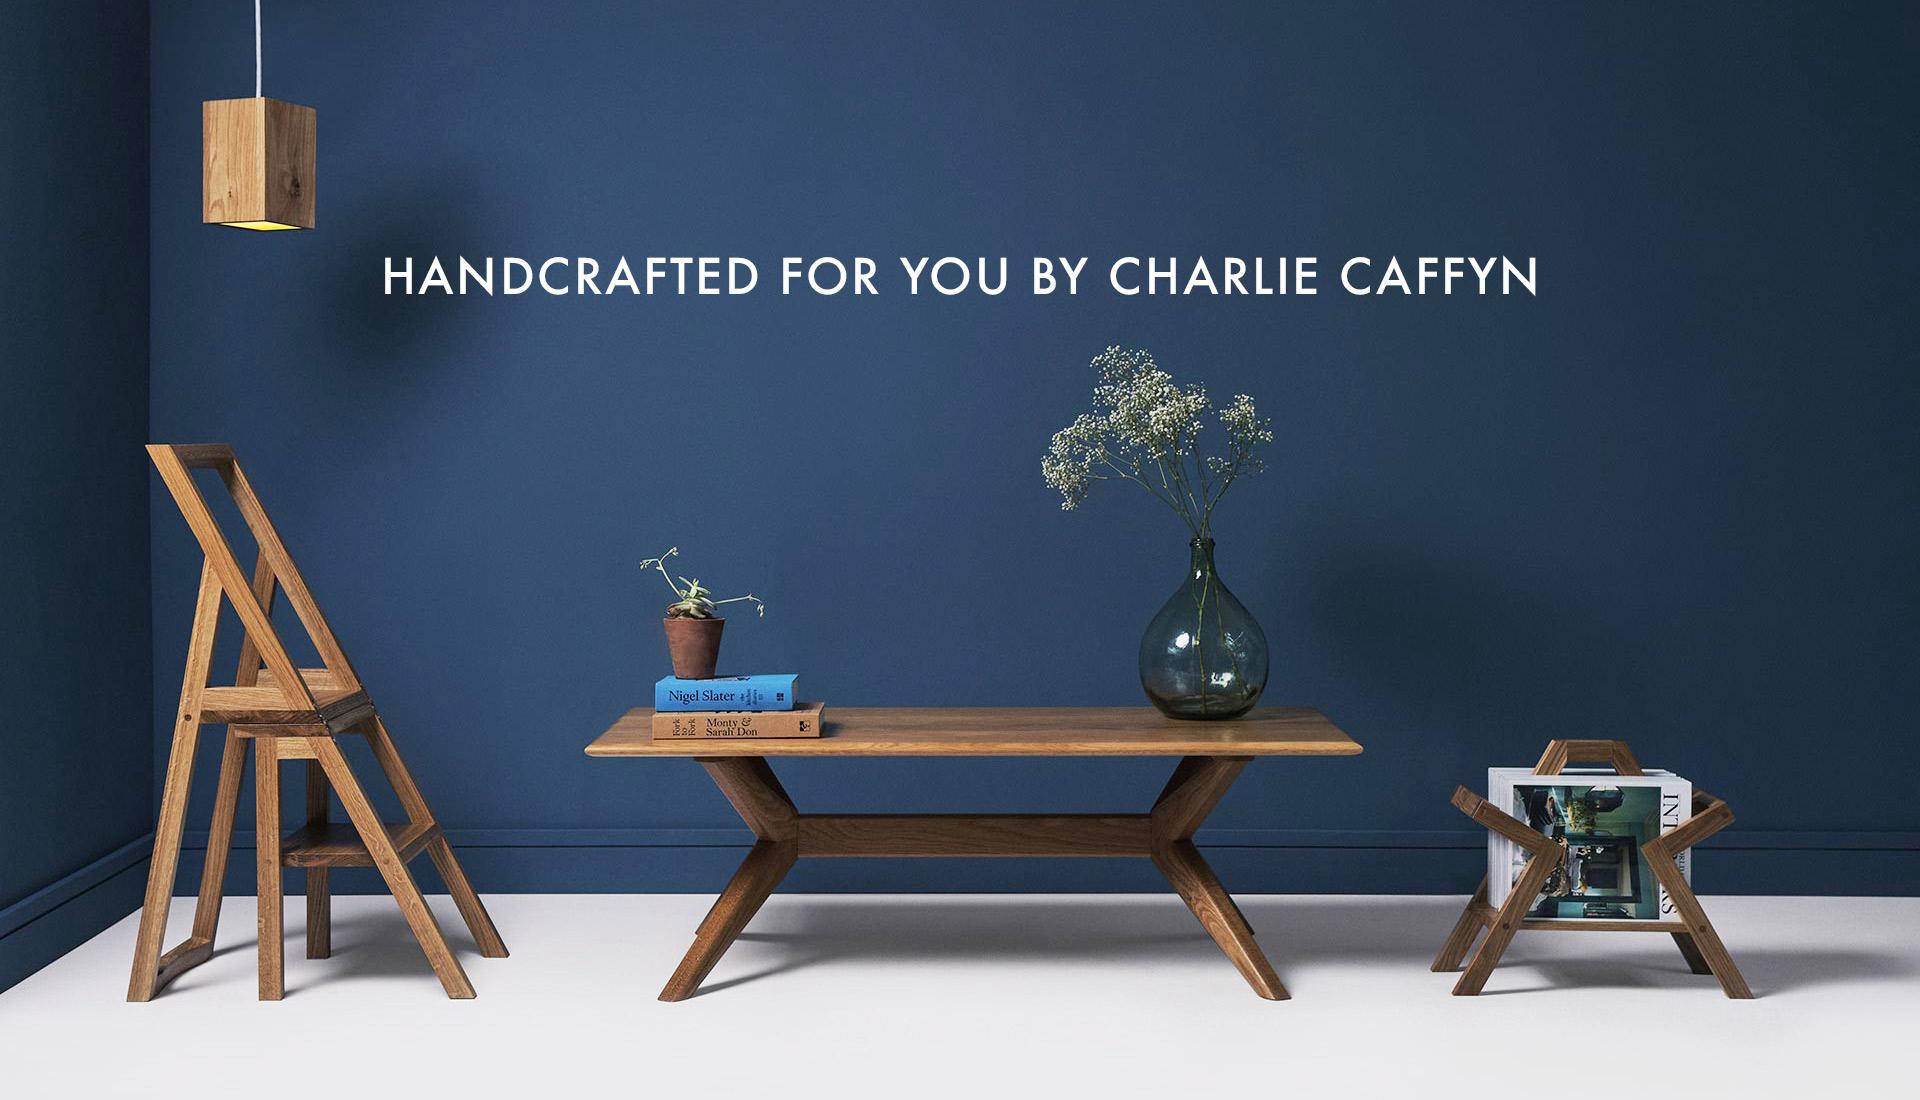 Charlie Caffyn